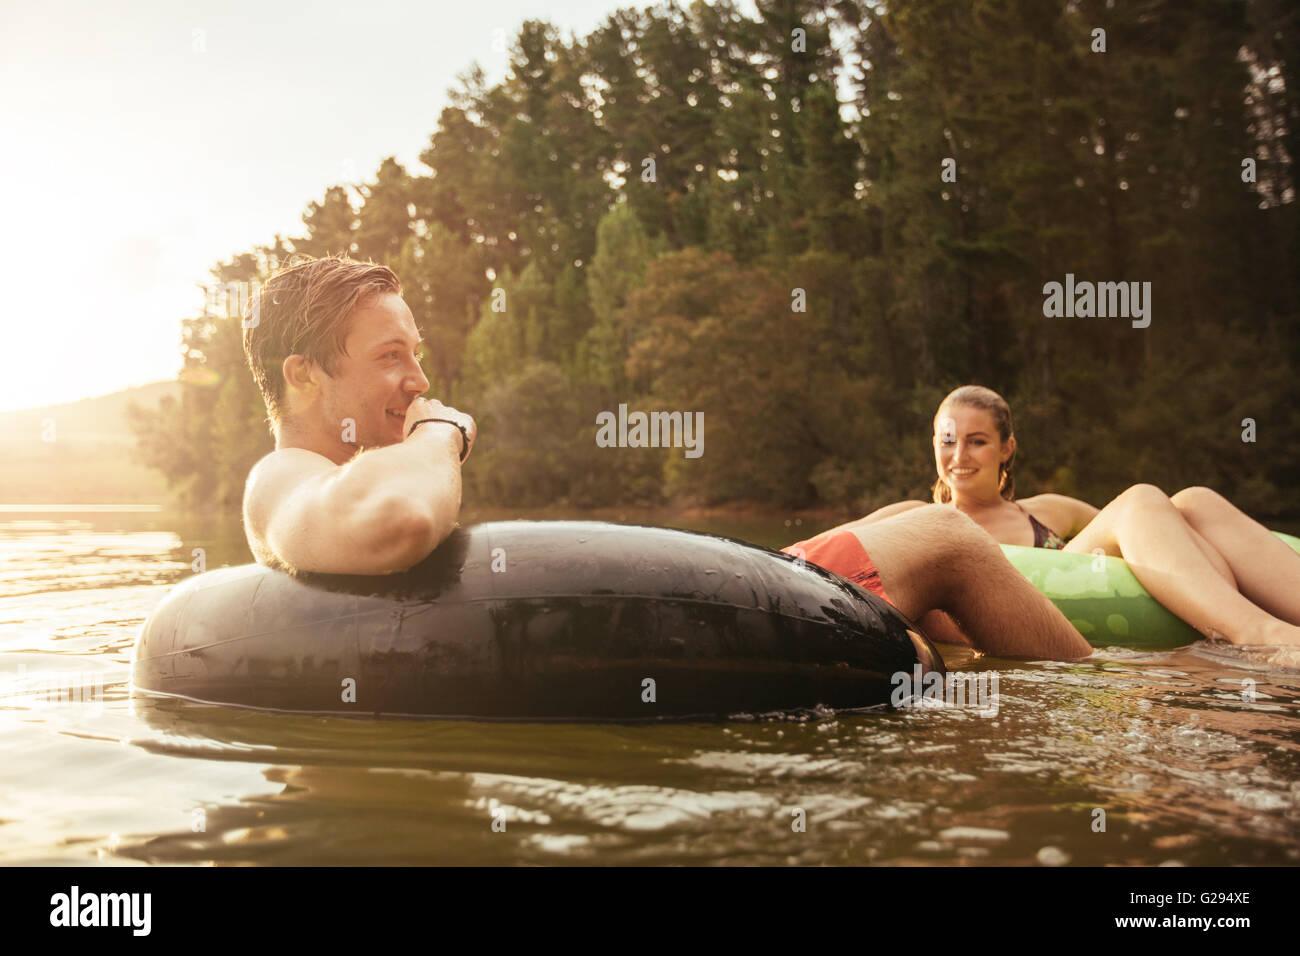 Ritratto di felice giovane nel lago su anello gonfiabile con la sua ragazza. Coppia giovane rilassante in acqua Immagini Stock